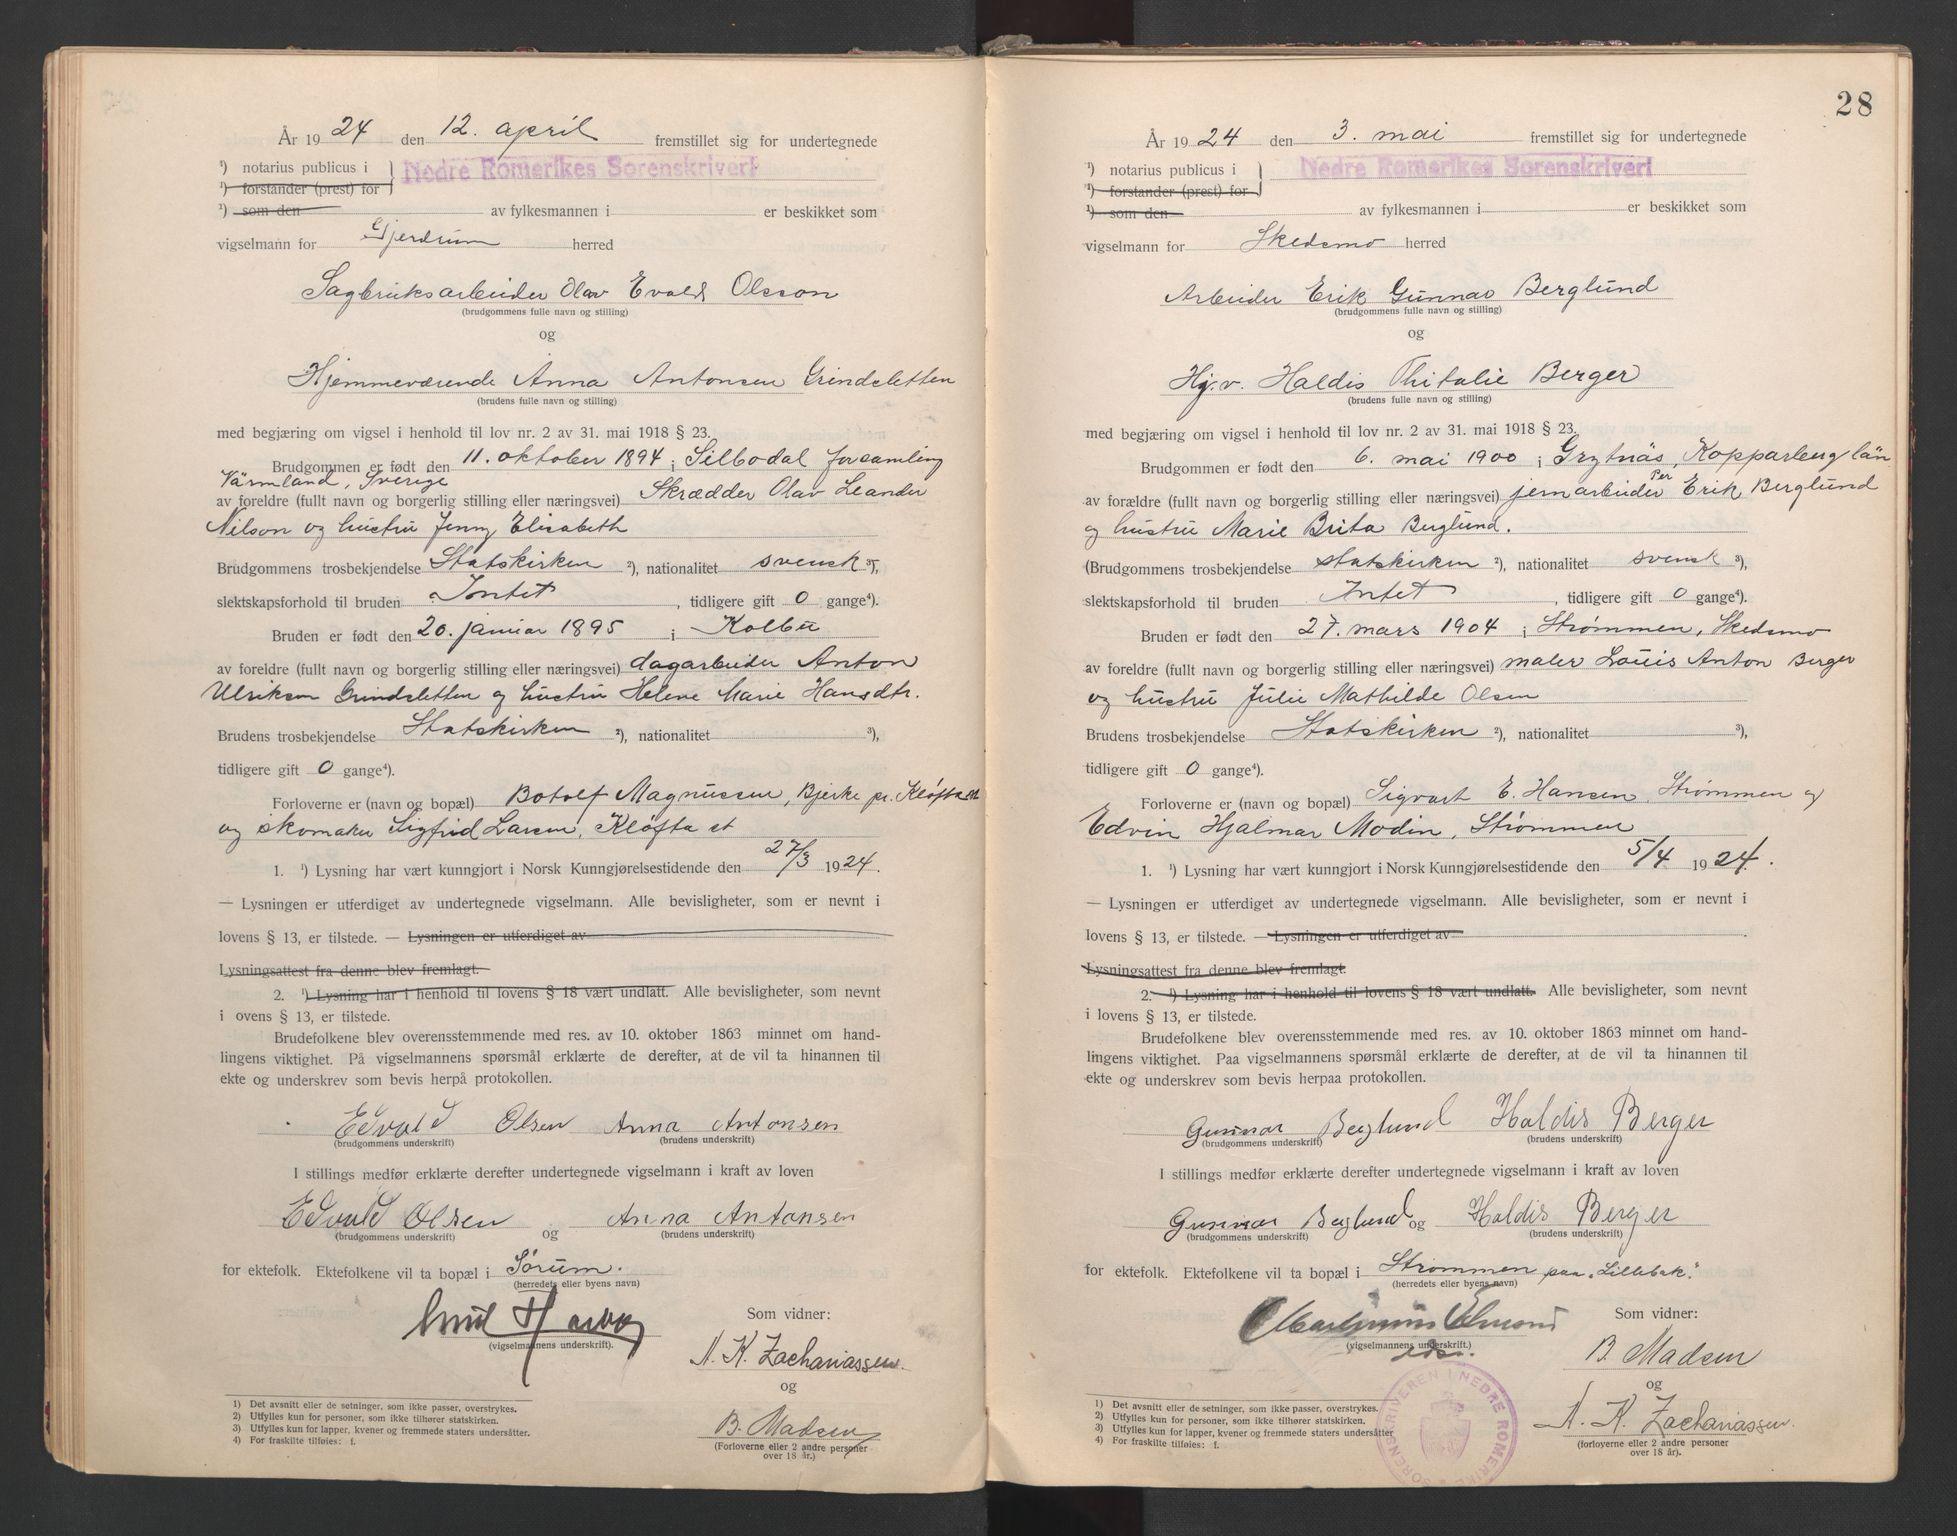 SAO, Nedre Romerike sorenskriveri, L/Lb/L0001: Vigselsbok - borgerlige vielser, 1920-1935, s. 28